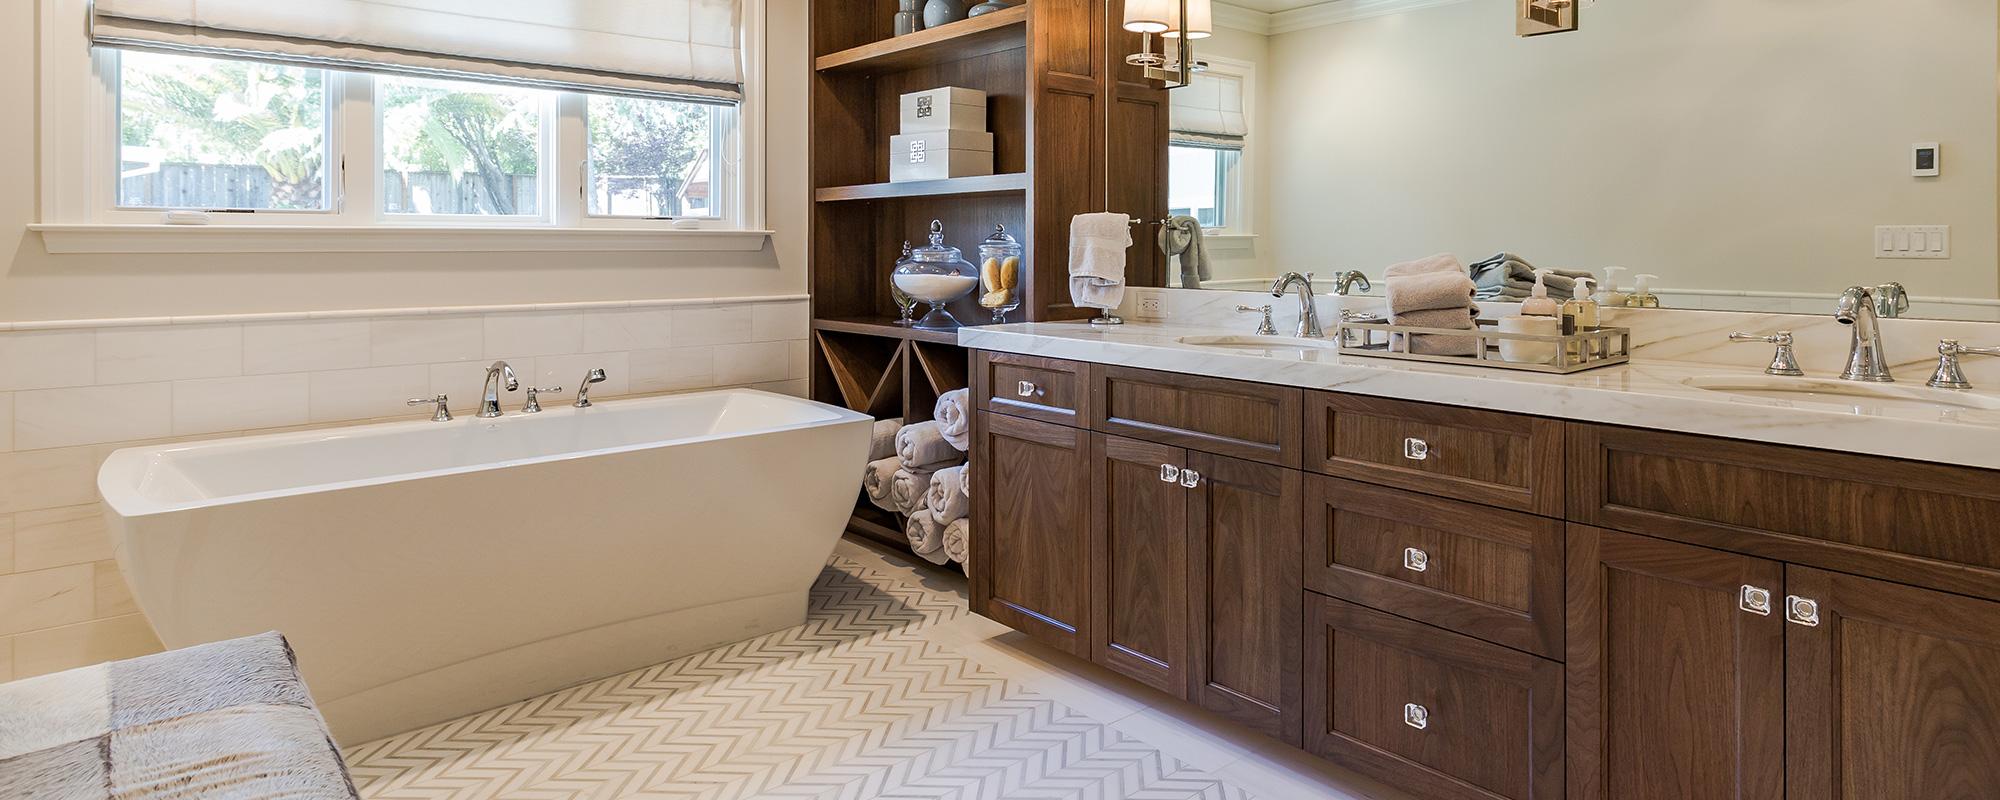 Wooden Vanity in Bathroom